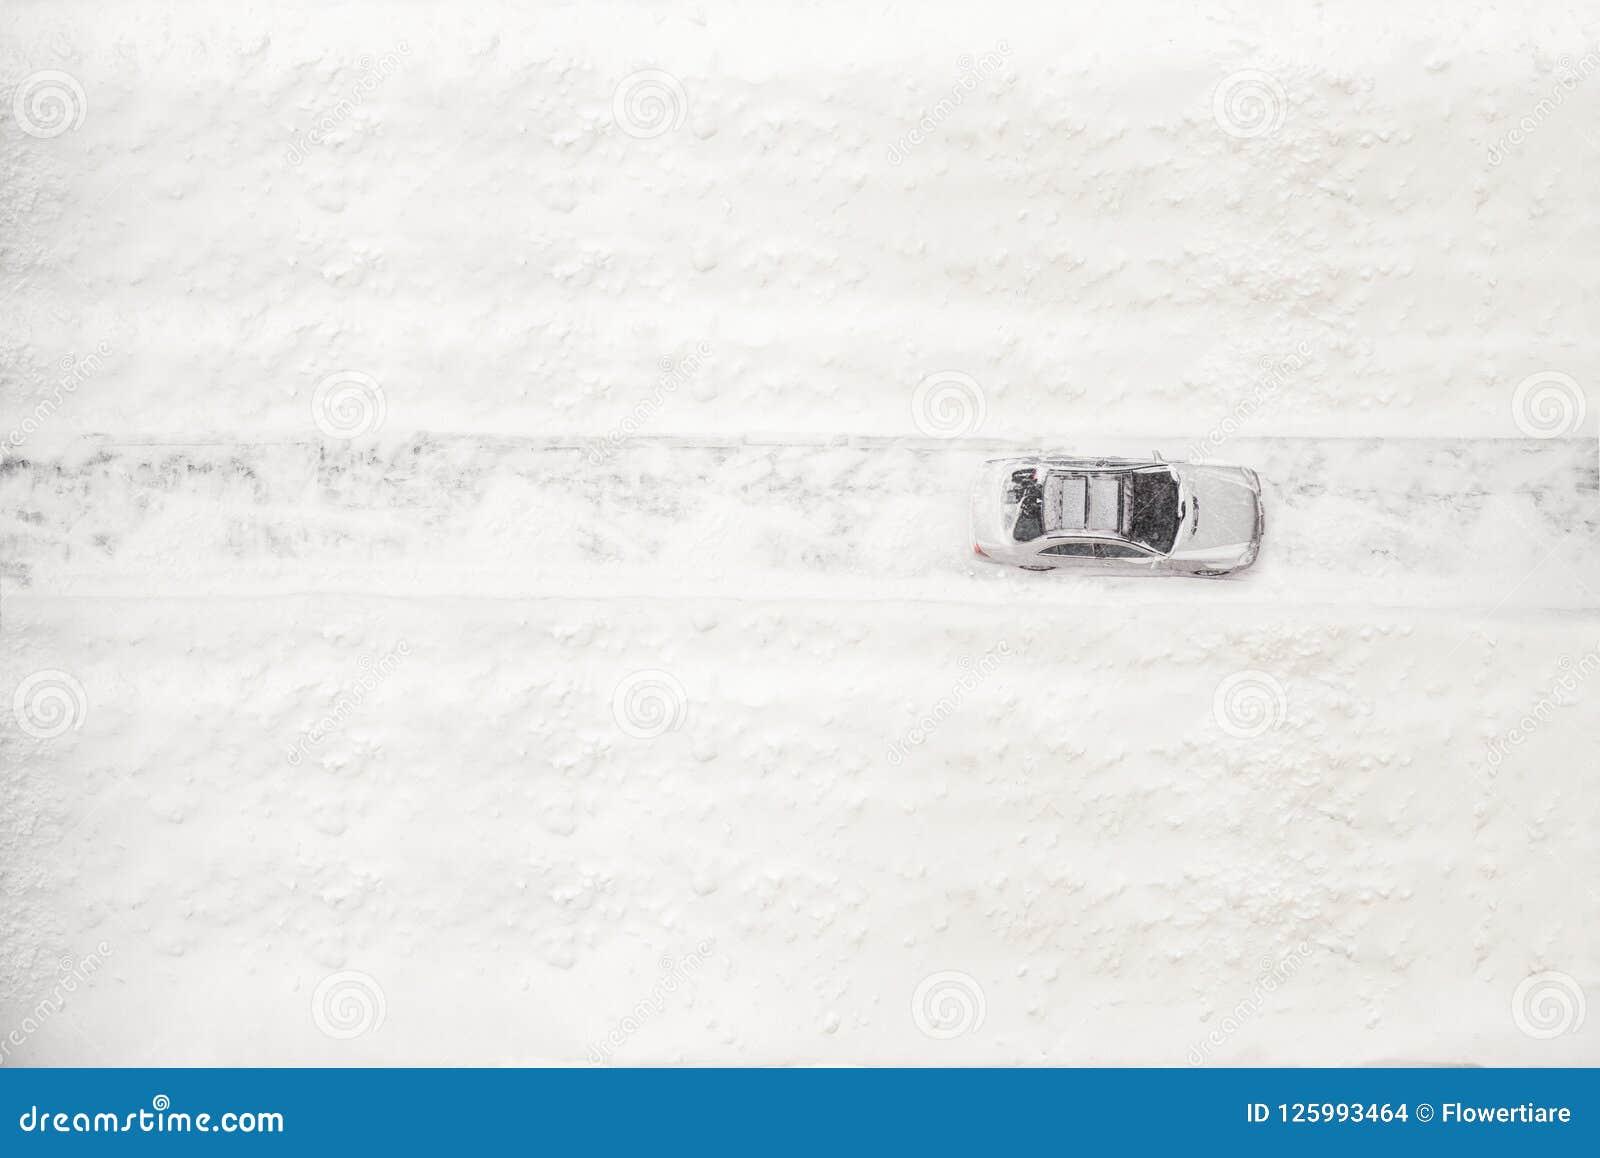 Widok z lotu ptaka na śnieżny samochodowy poruszającym na drodze przy zima czasem Sezonowy opad śniegu